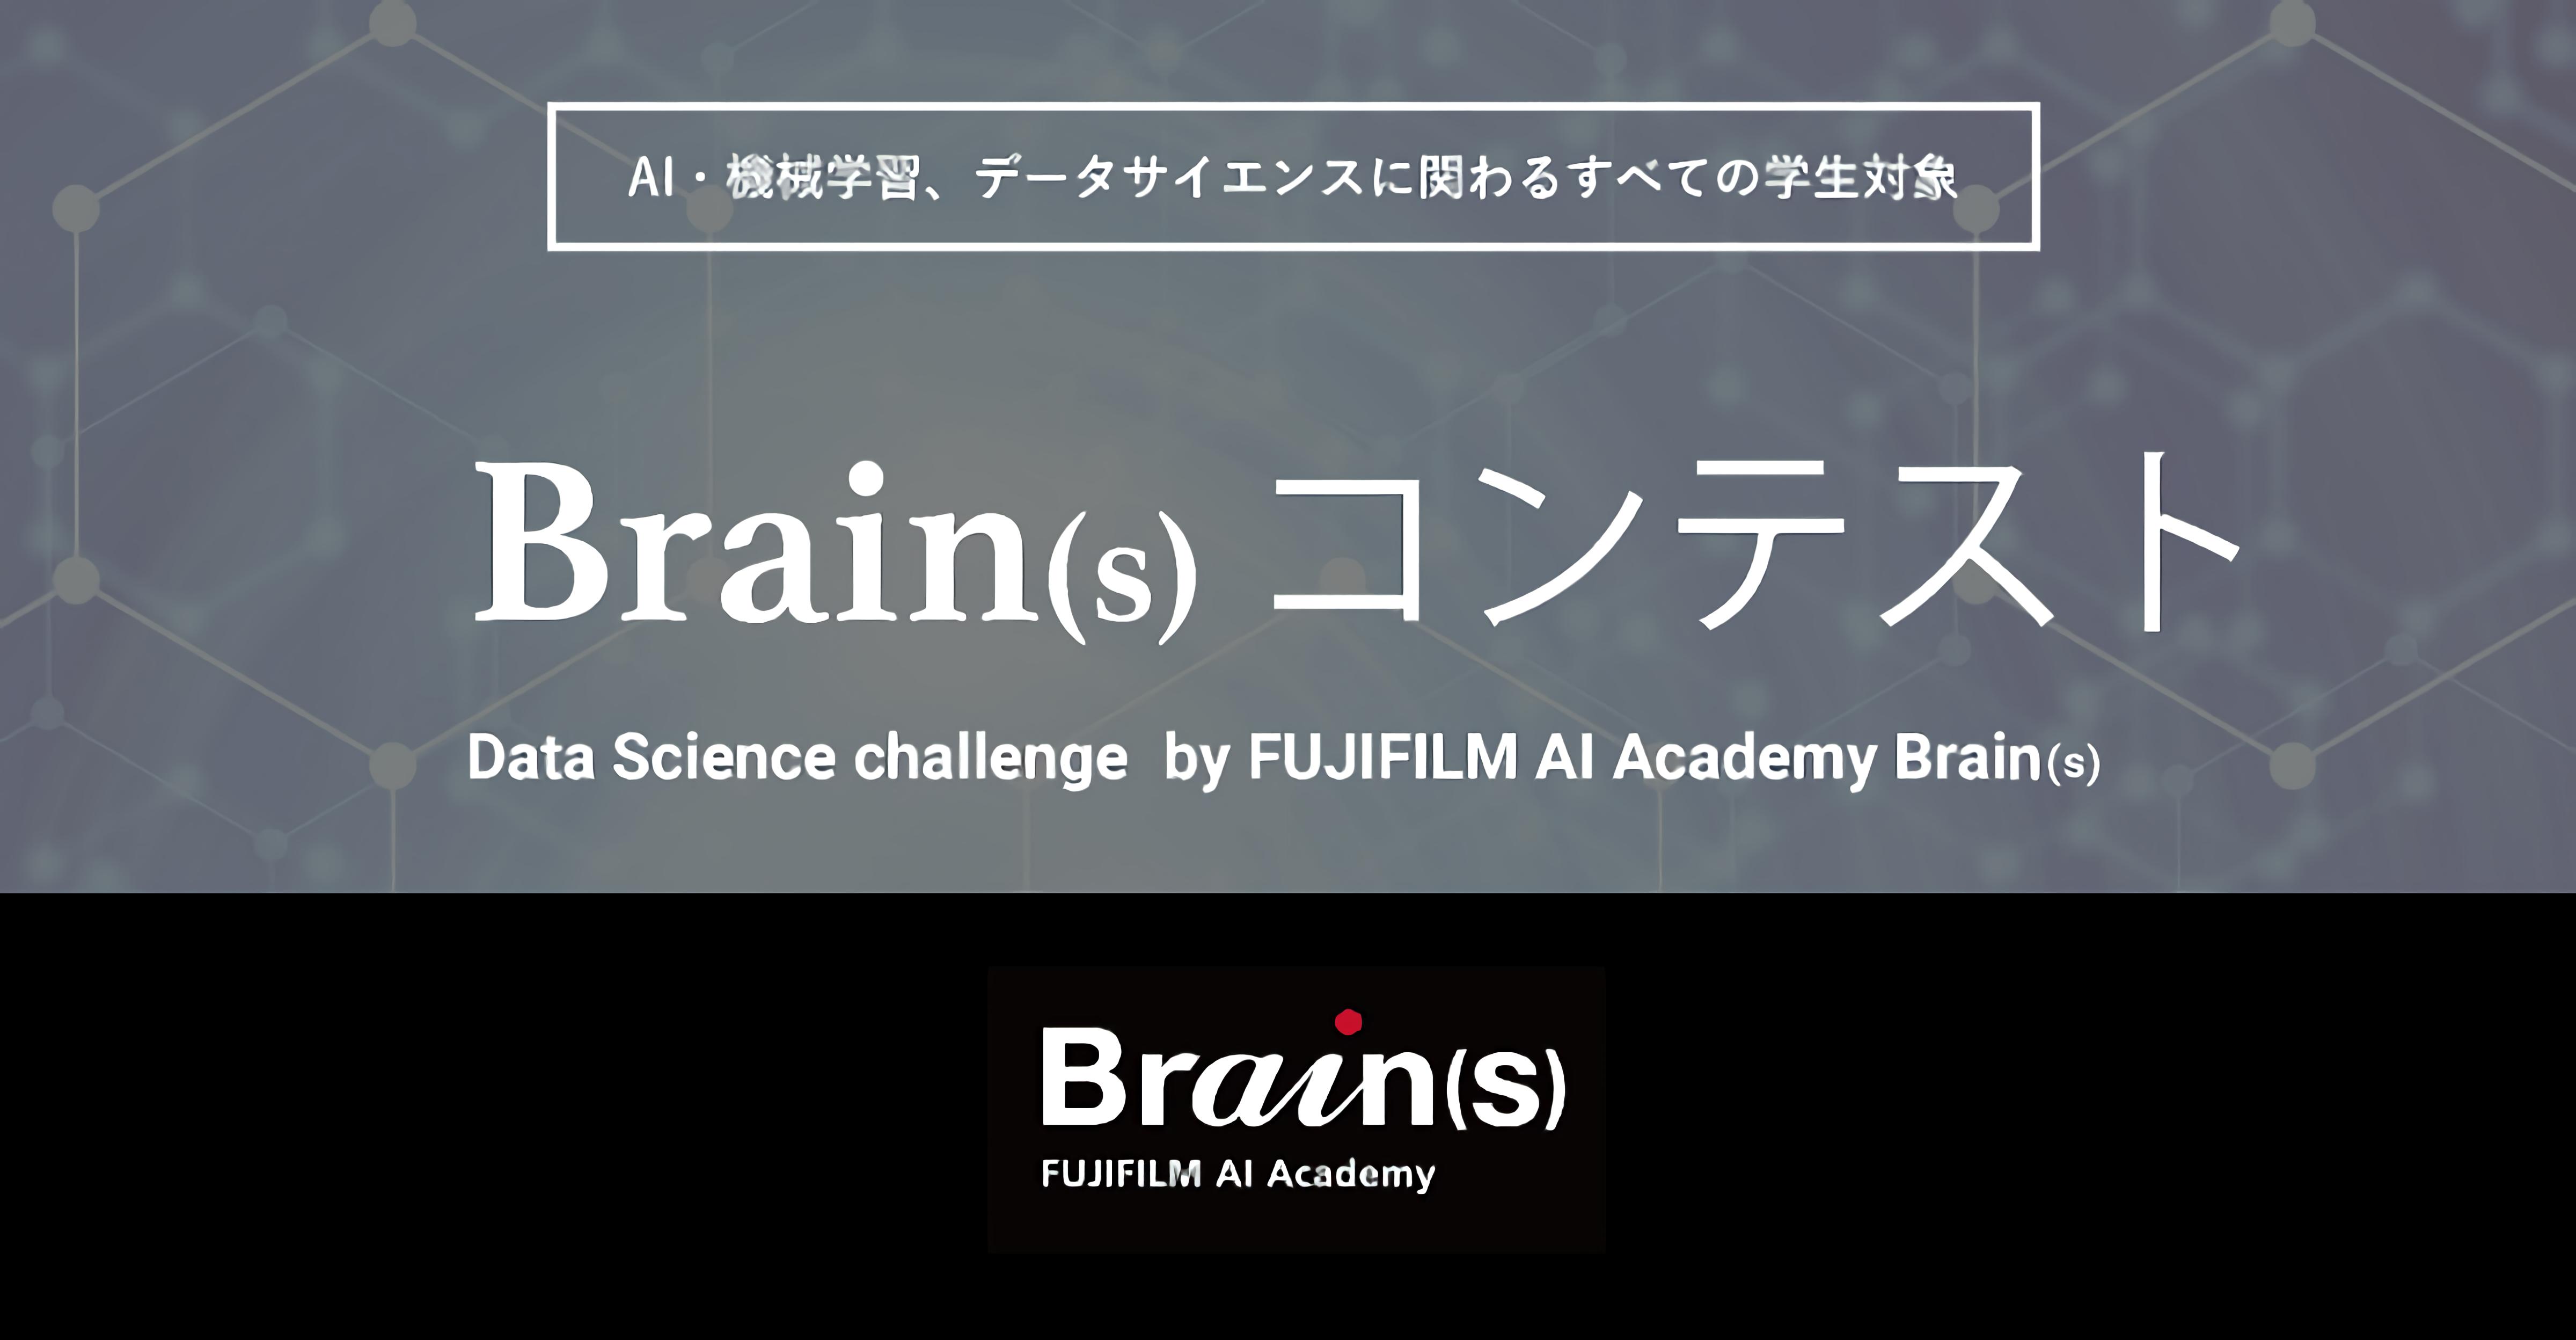 【全学年対応】第5回FUJIFILM Brain(s)コンテスト image